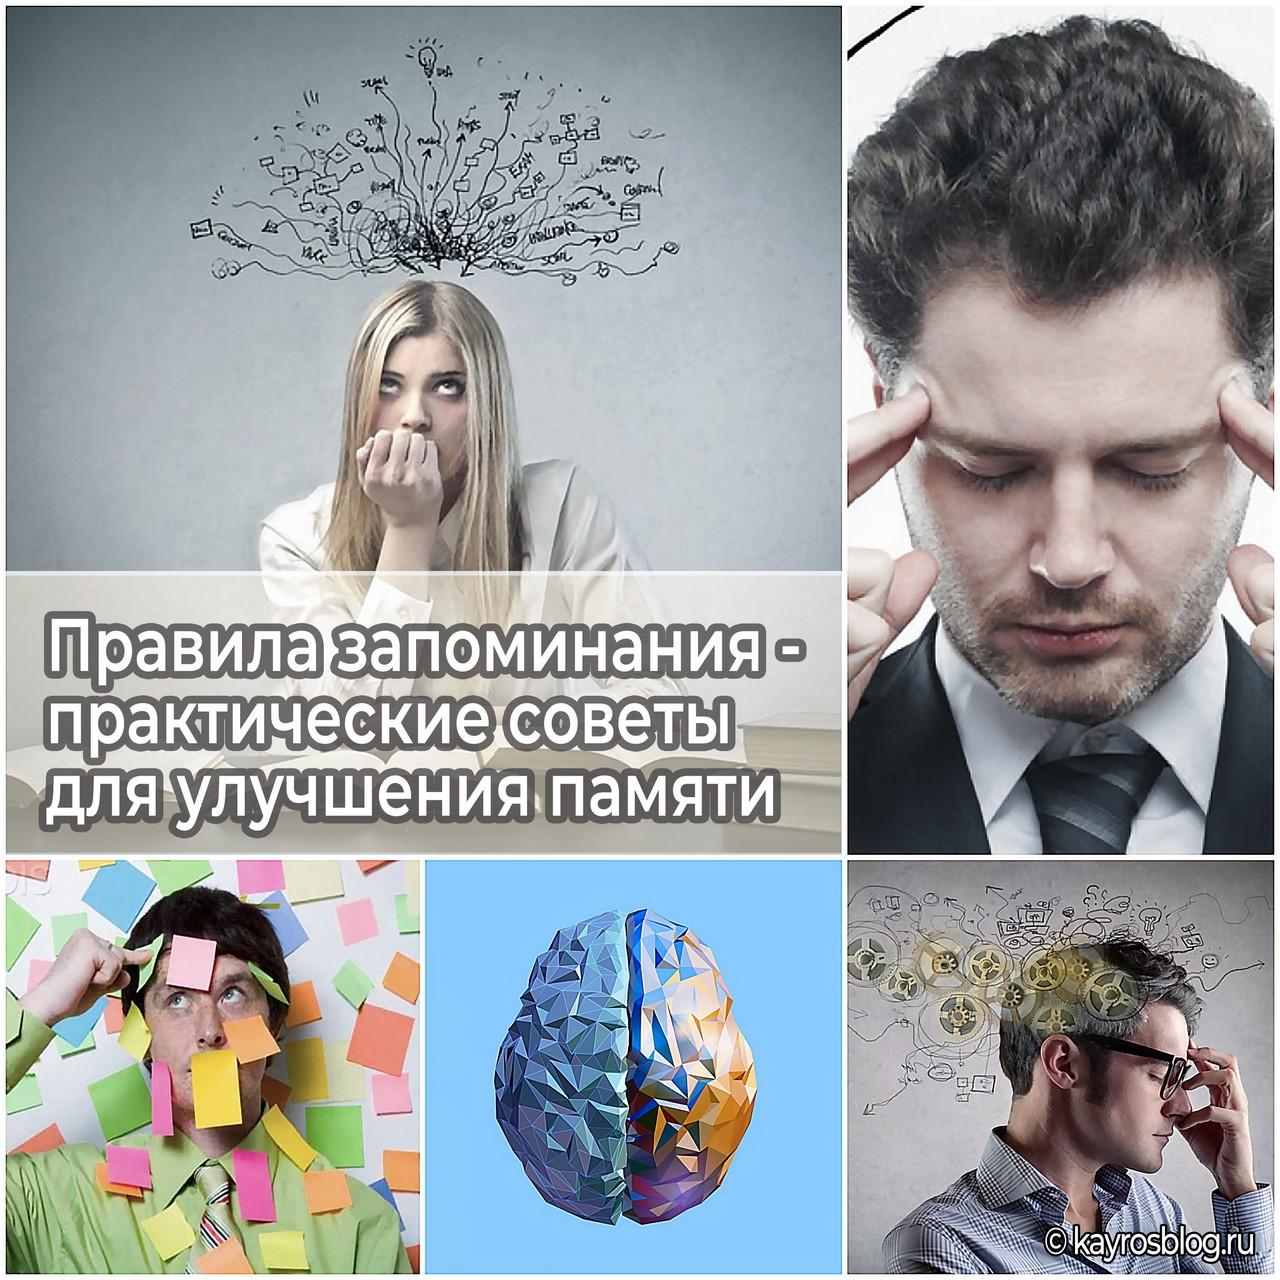 Правила запоминания - практические советы для улучшения памяти